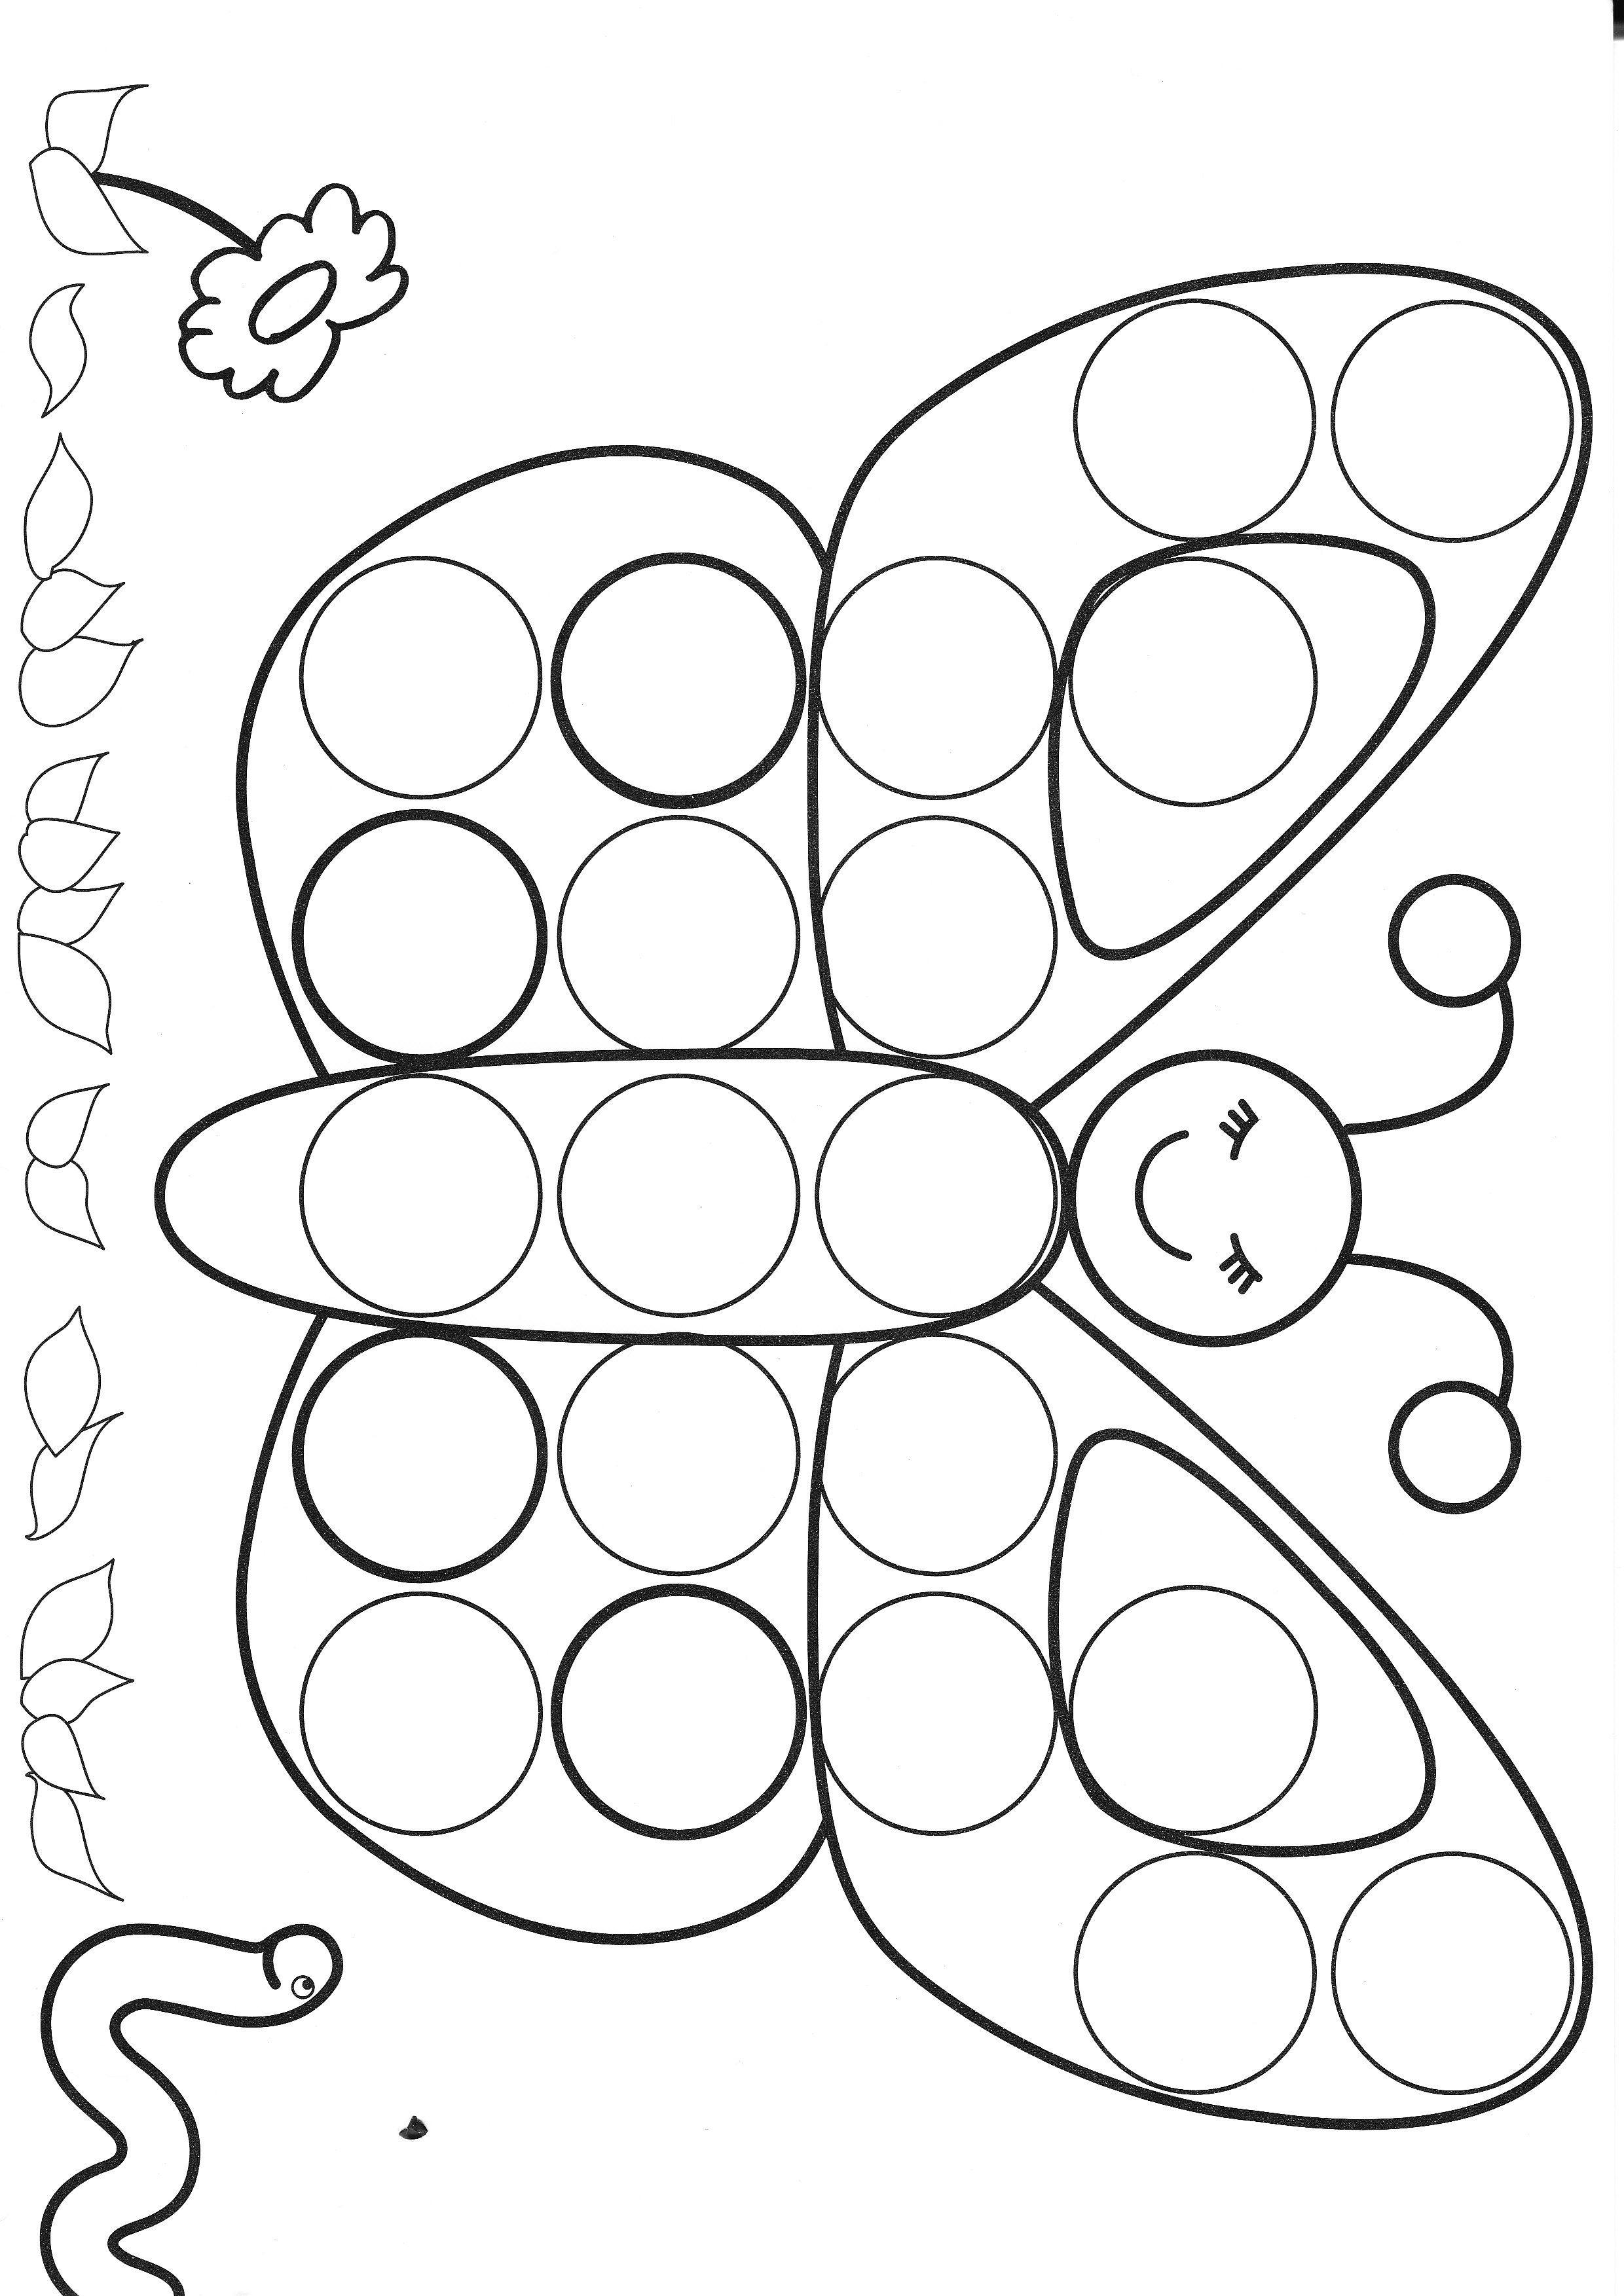 Image Du Blog Assmatenbourgogne.centerblog | Dessin concernant Colorino A Imprimer